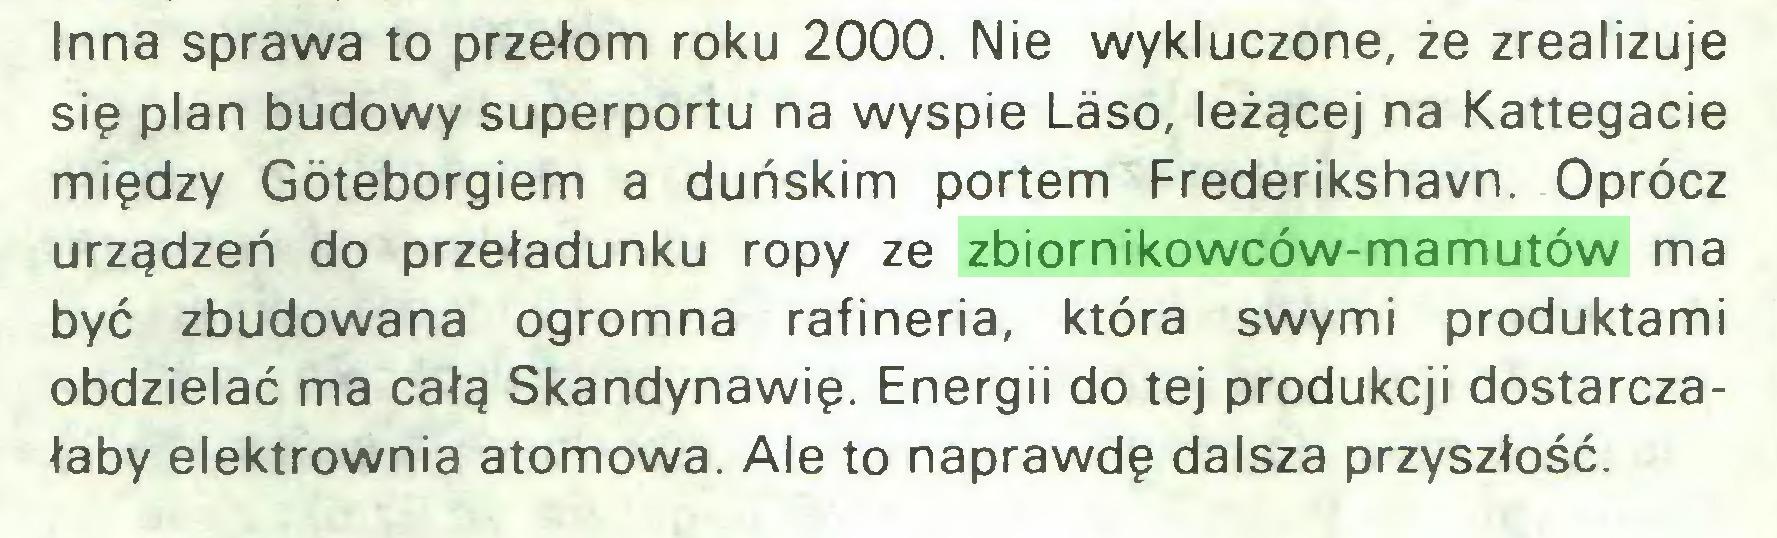 (...) Inna sprawa to przełom roku 2000. Nie wykluczone, że zrealizuje się plan budowy superportu na wyspie Laso, leżącej na Kattegacie między Góteborgiem a duńskim portem Frederikshavn. Oprócz urządzeń do przeładunku ropy ze zbiornikowców-mamutów ma być zbudowana ogromna rafineria, która swymi produktami obdzielać ma całą Skandynawię. Energii do tej produkcji dostarczałaby elektrownia atomowa. Ale to naprawdę dalsza przyszłość...